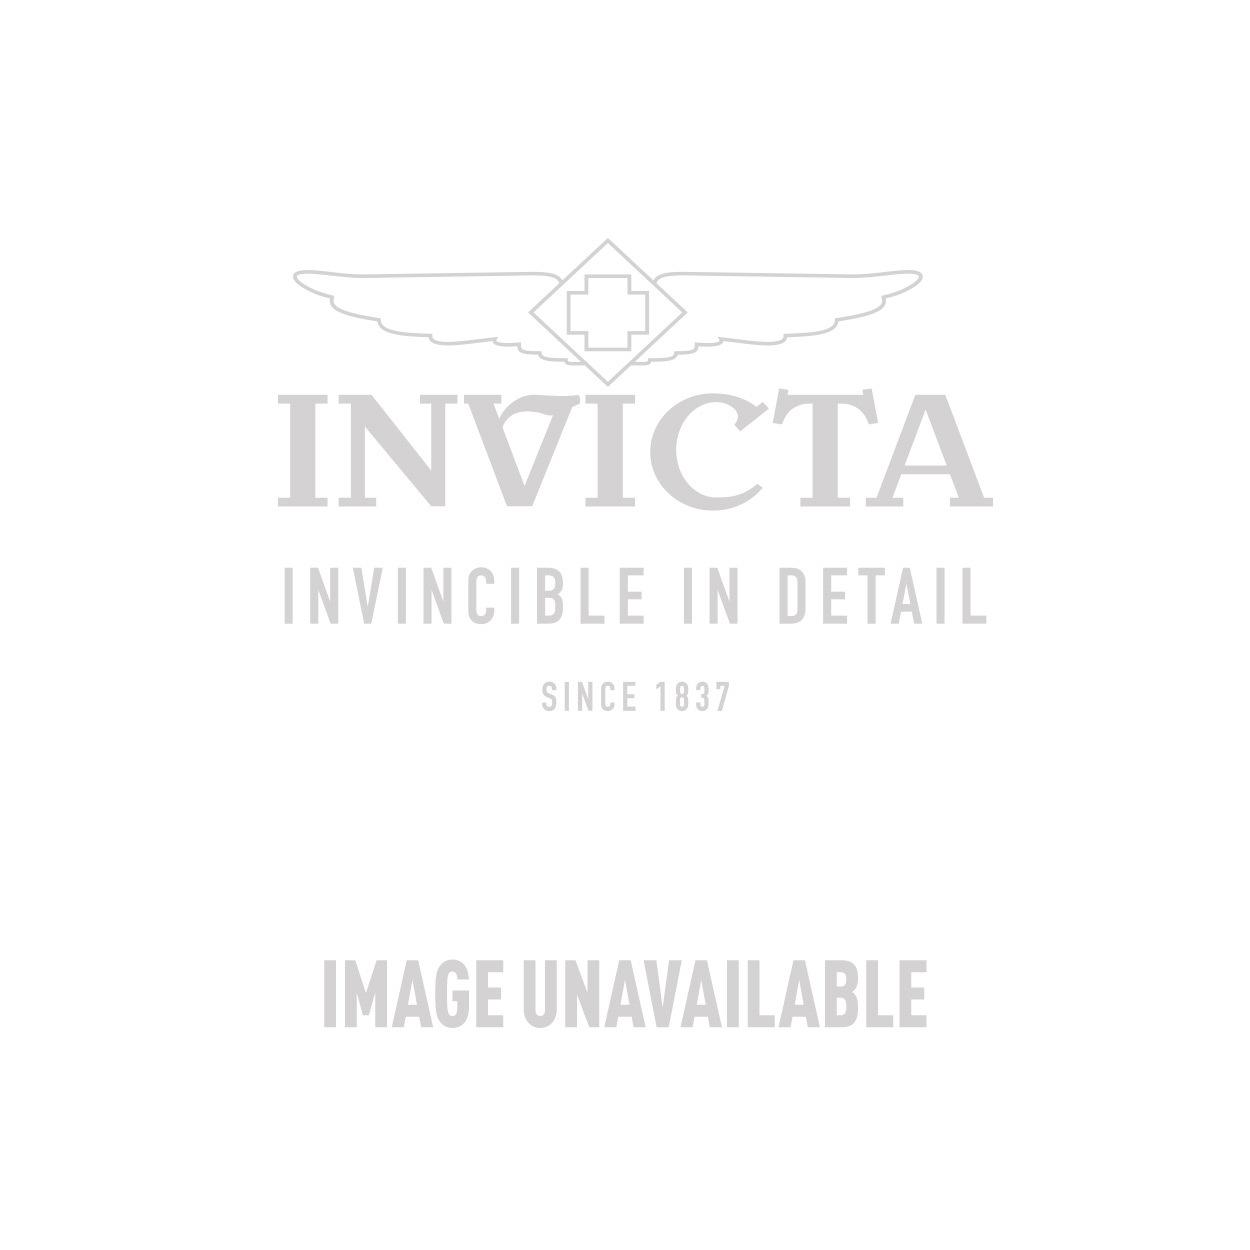 Invicta Model 24073